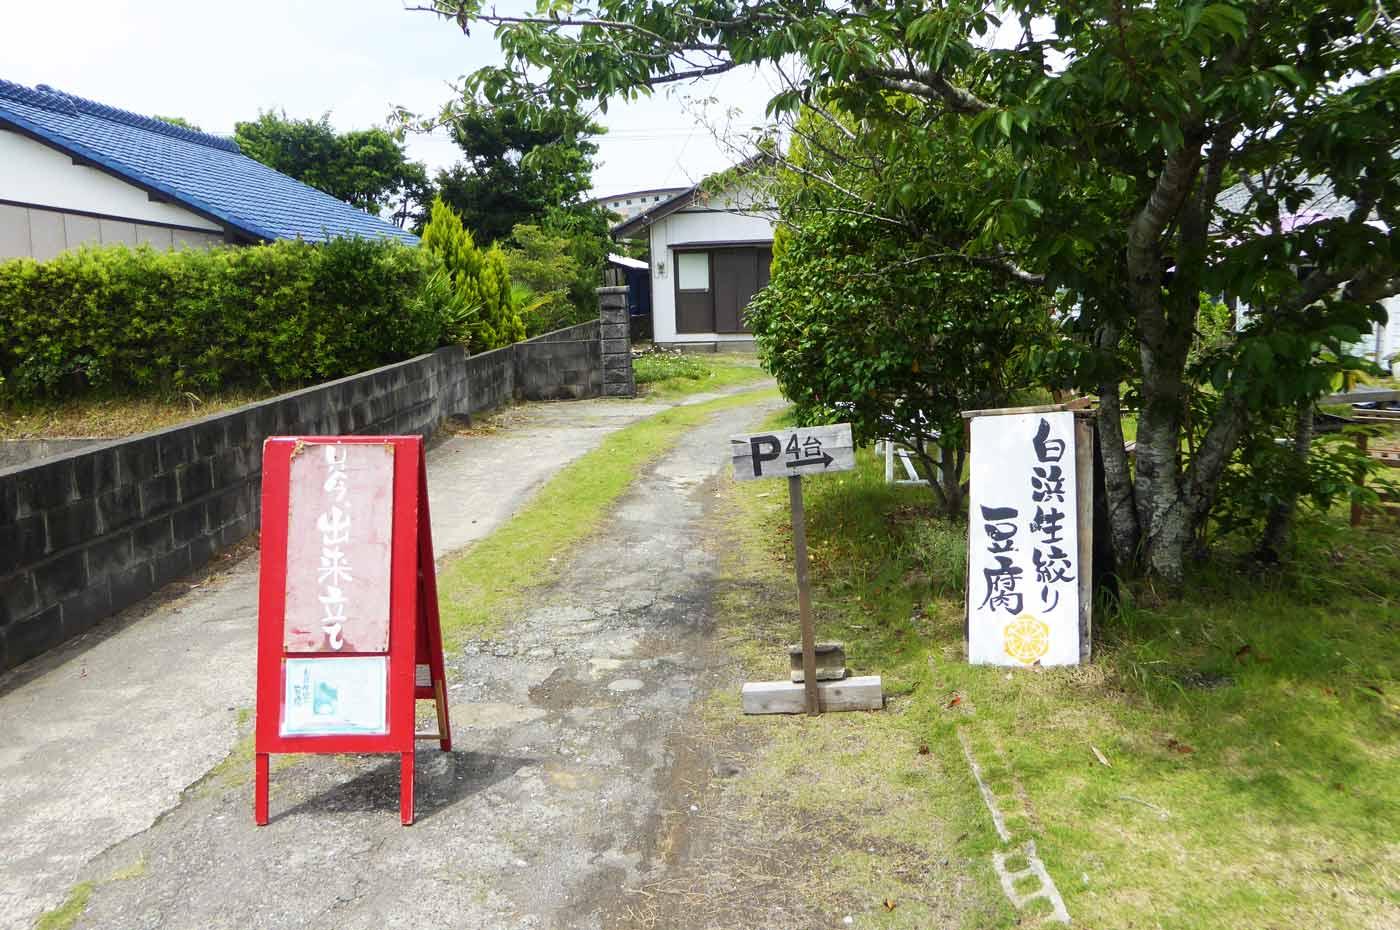 白浜豆腐工房の駐車場の画像